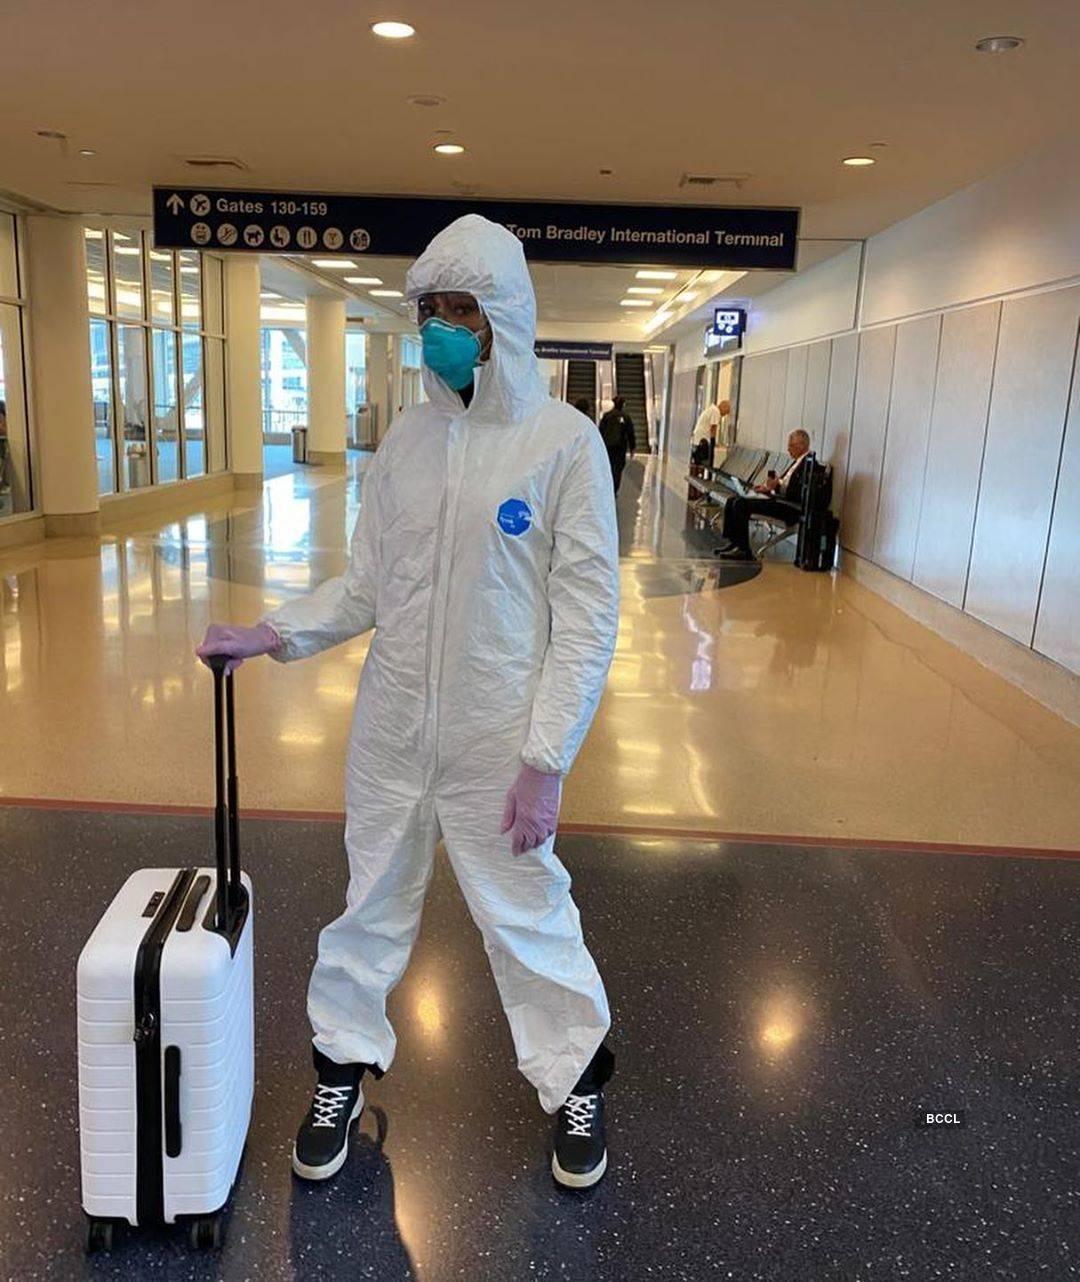 Supermodels across the globe during Coronavirus outbreak